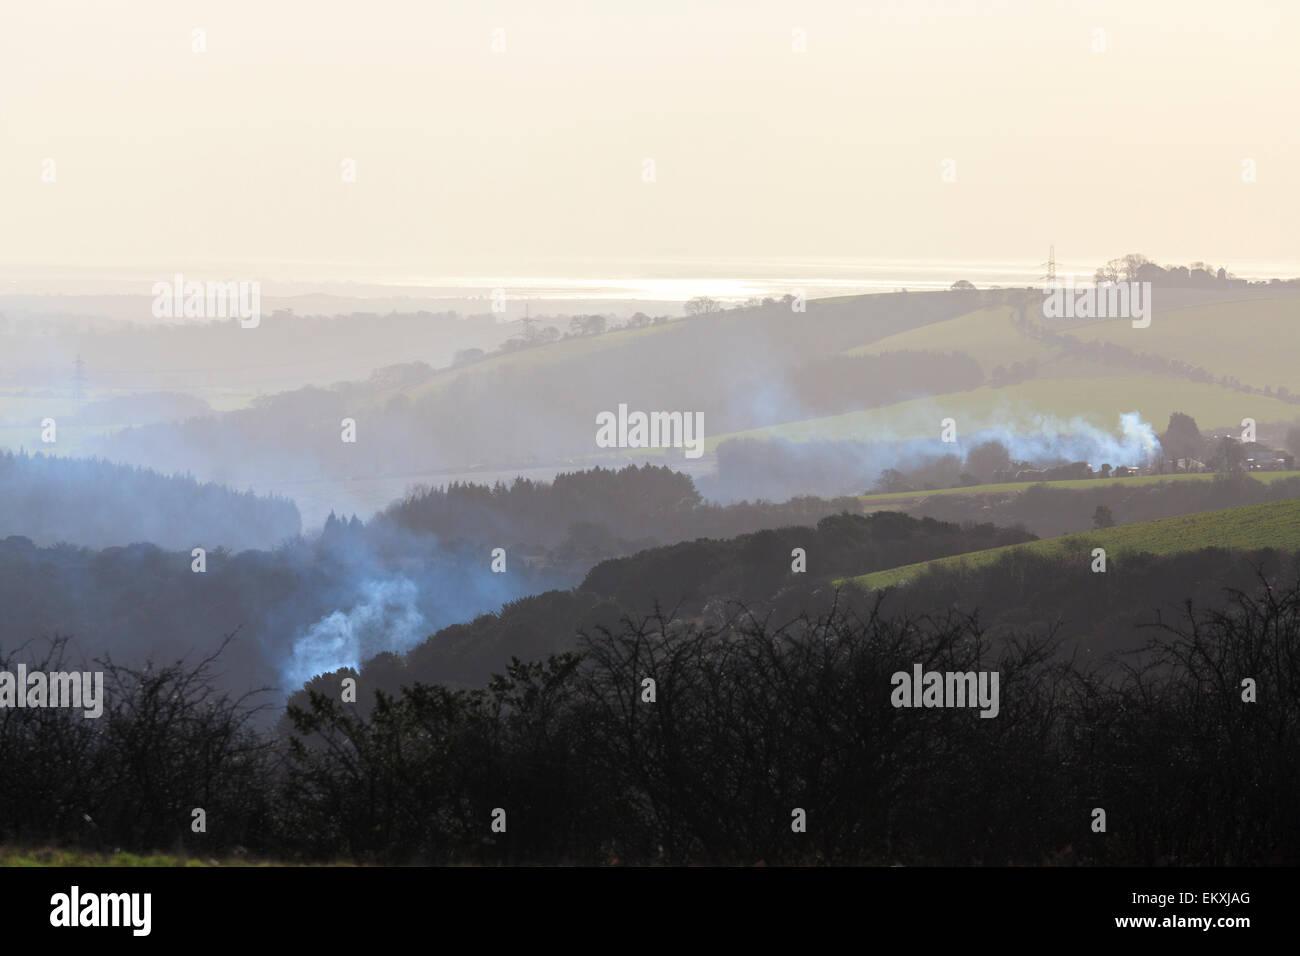 Smoke rising on hilly hazy landscape - Stock Image